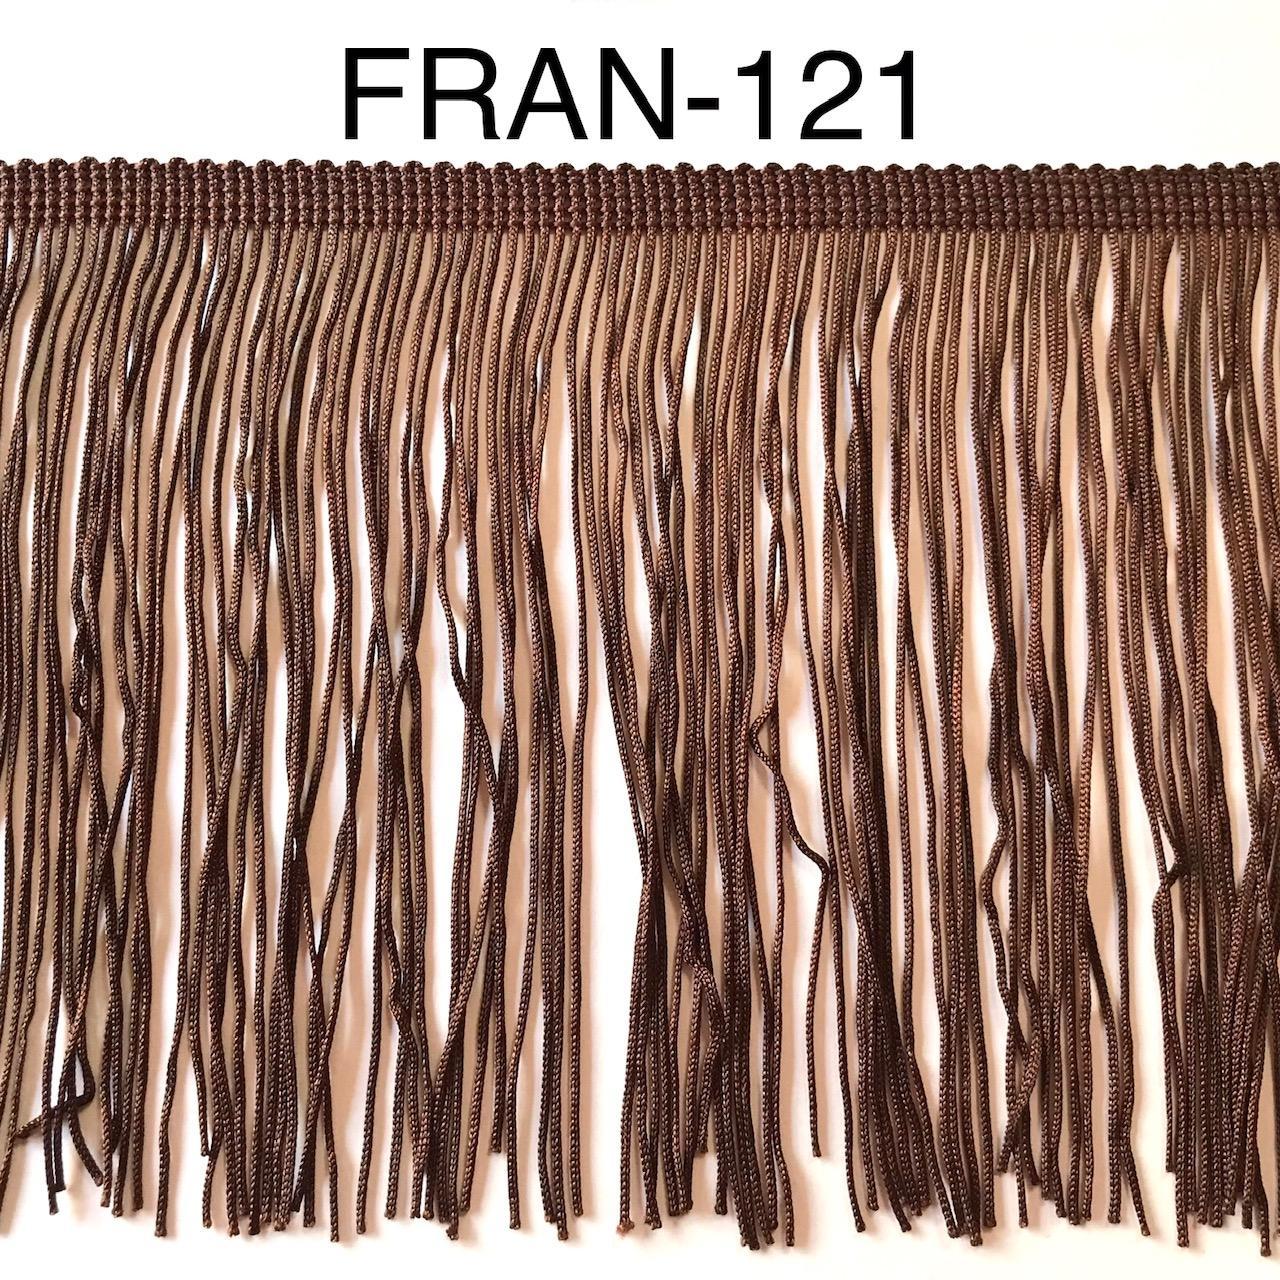 Franges a coudre 15cm 121